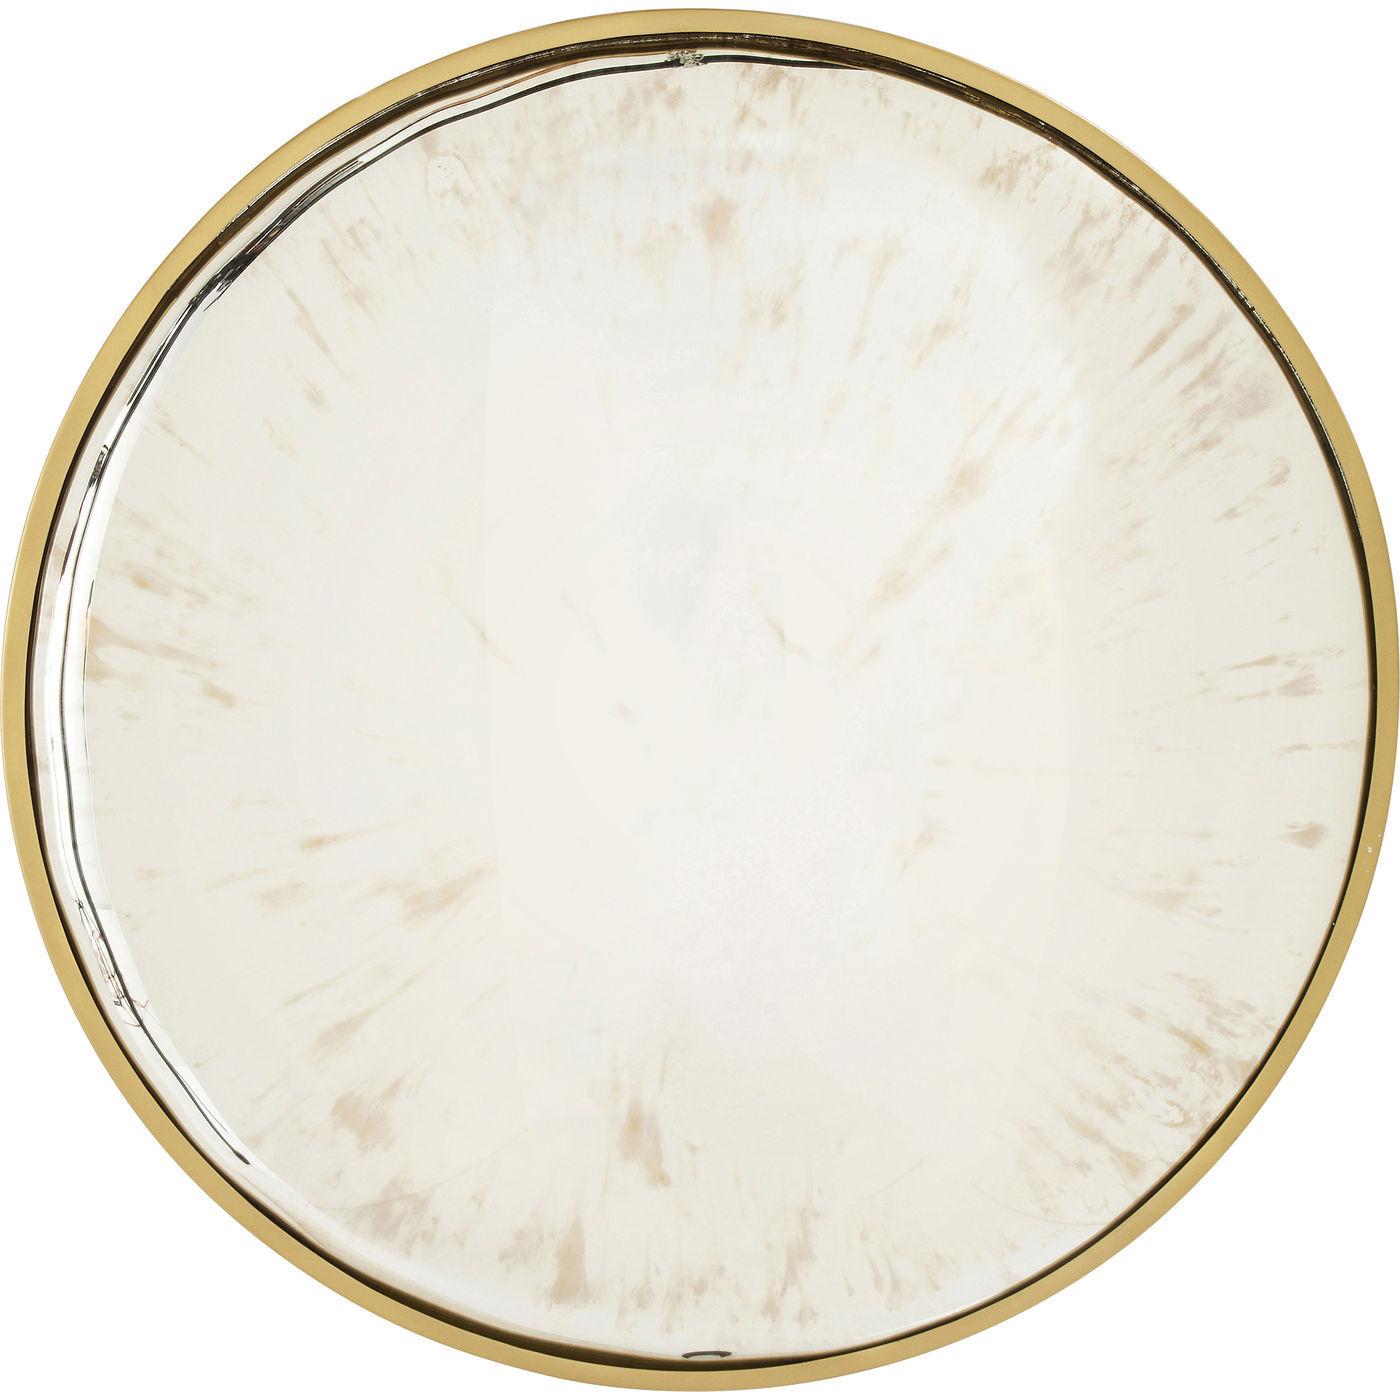 kare design – Kare design concave vægspejl - spejlglas/guld stål, rundt (ø90) fra boboonline.dk